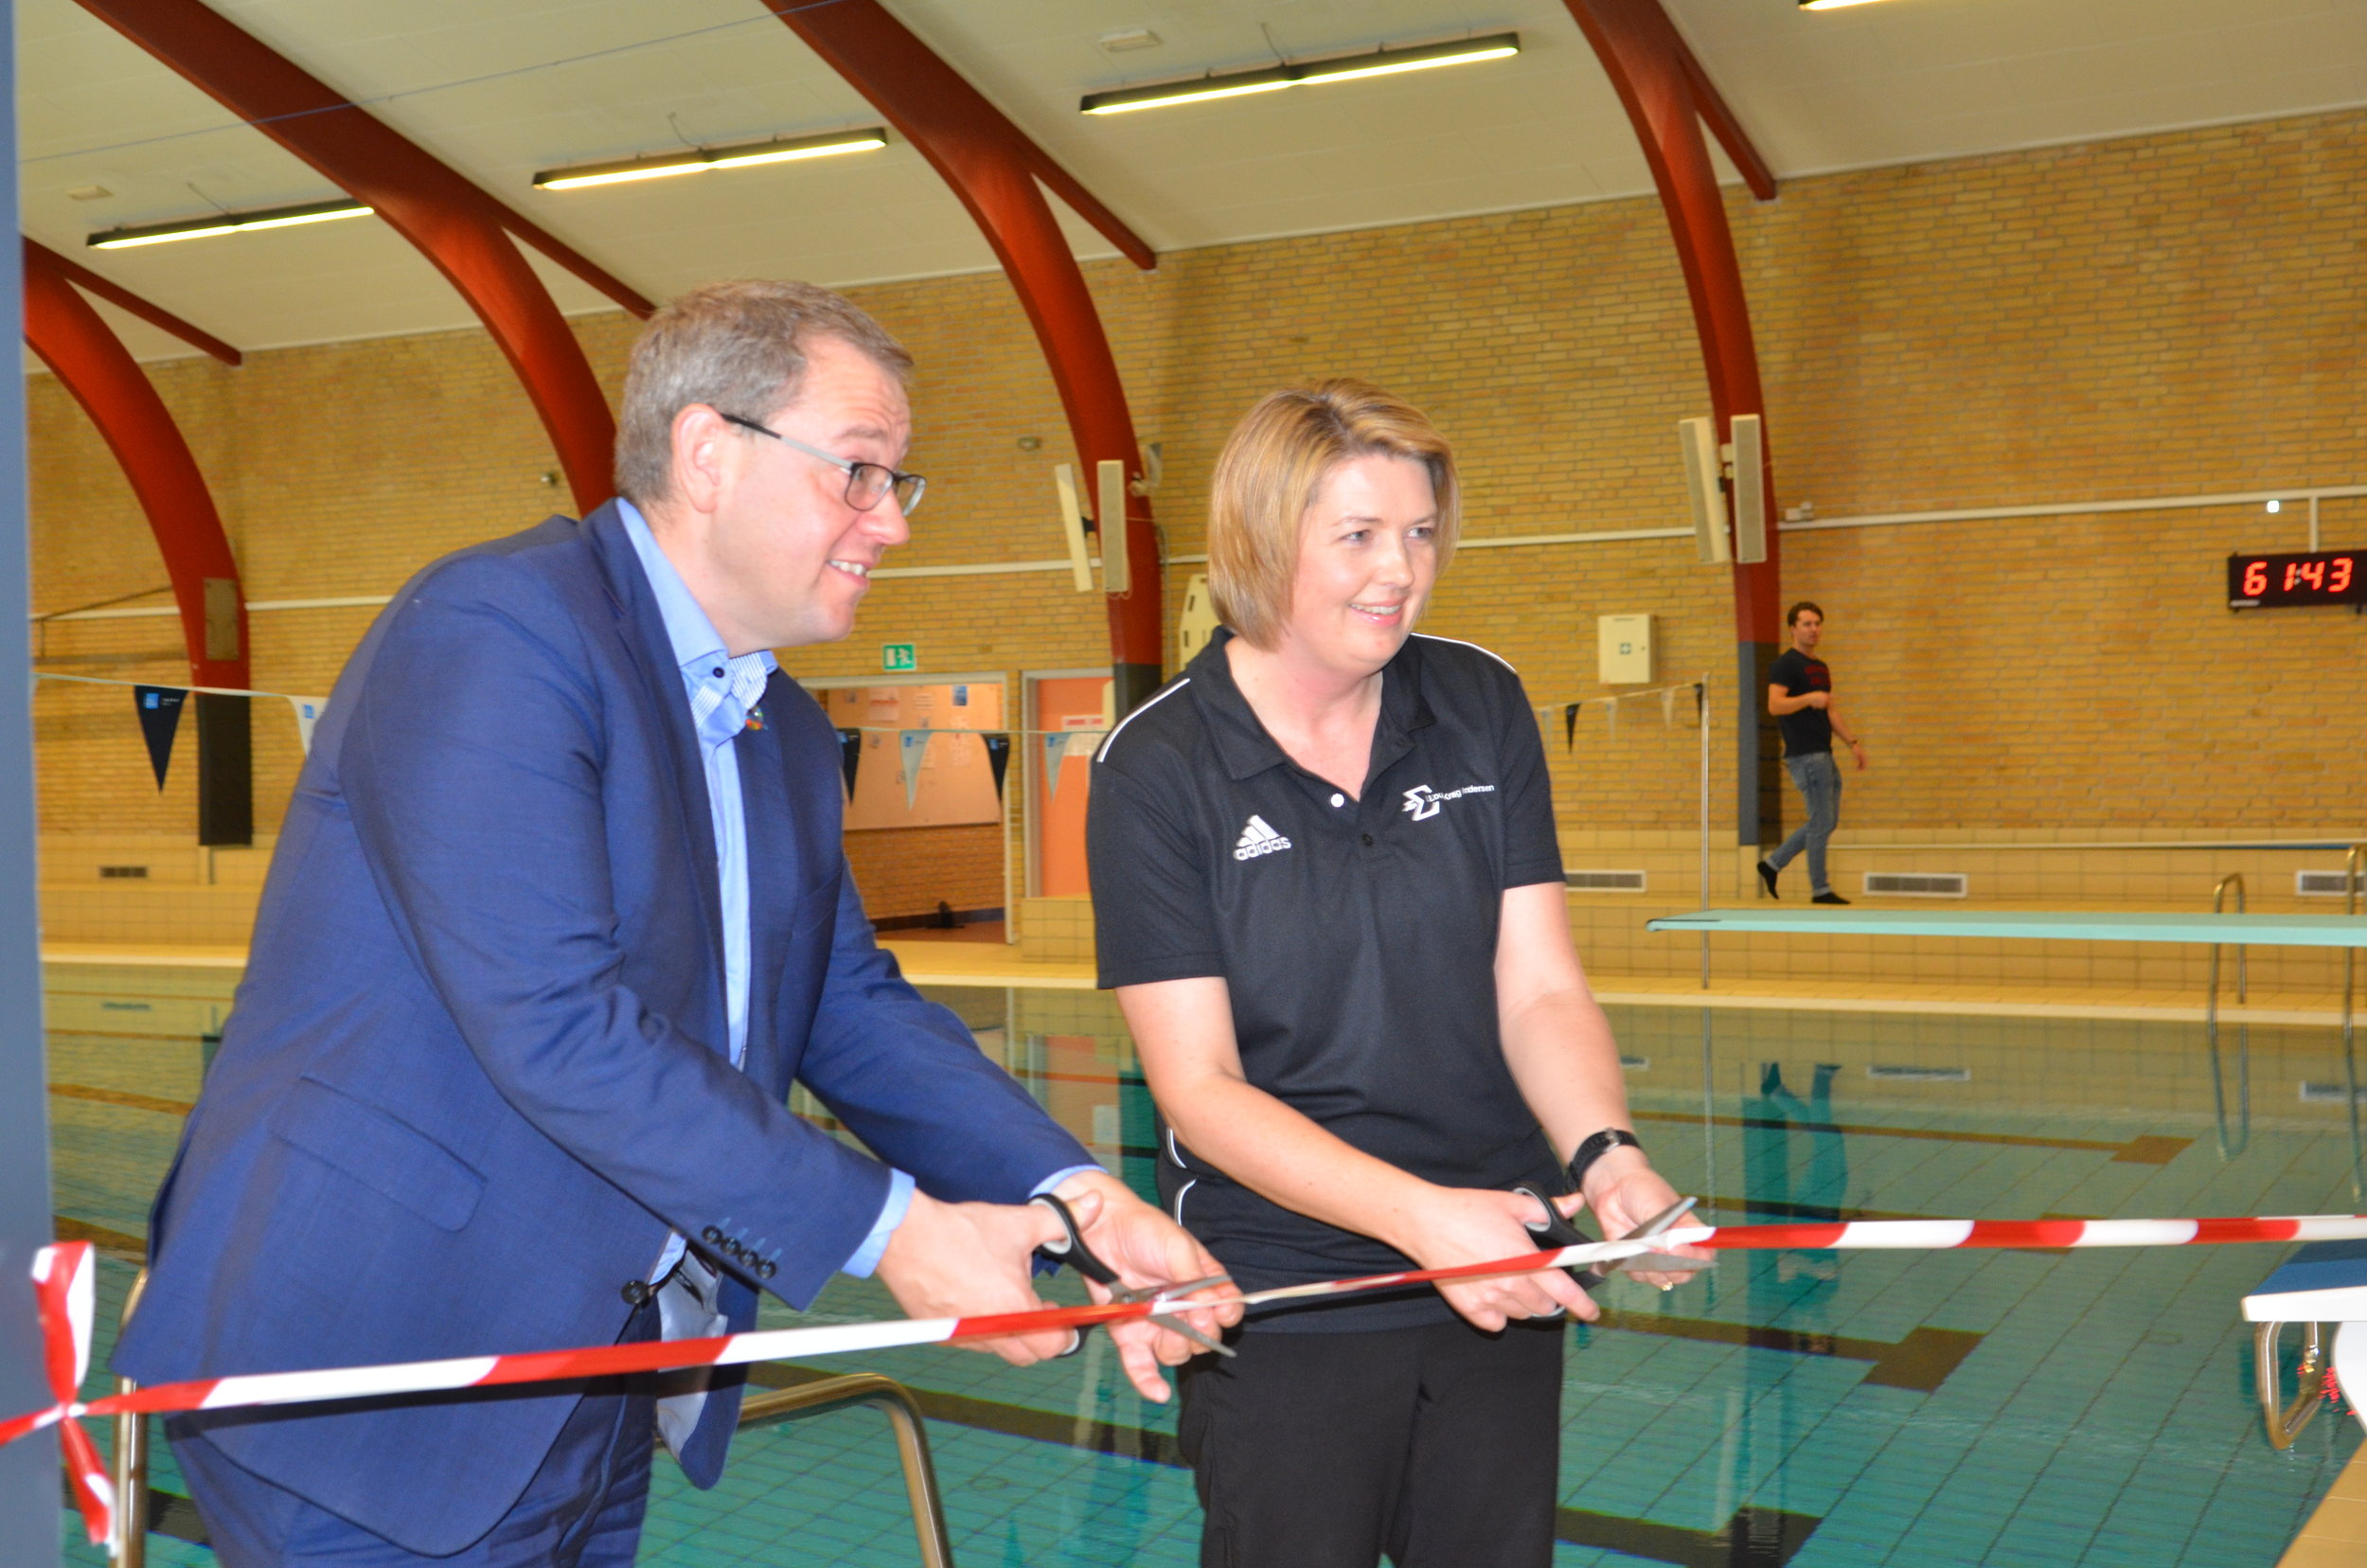 Borgmester, Karsten Längerich, og formanden for Sigma Swim i Allerød, Louise Krag Andersen klippede i fællesskab snoren over ved den nye drylan-udvidelse. Foto: AOB